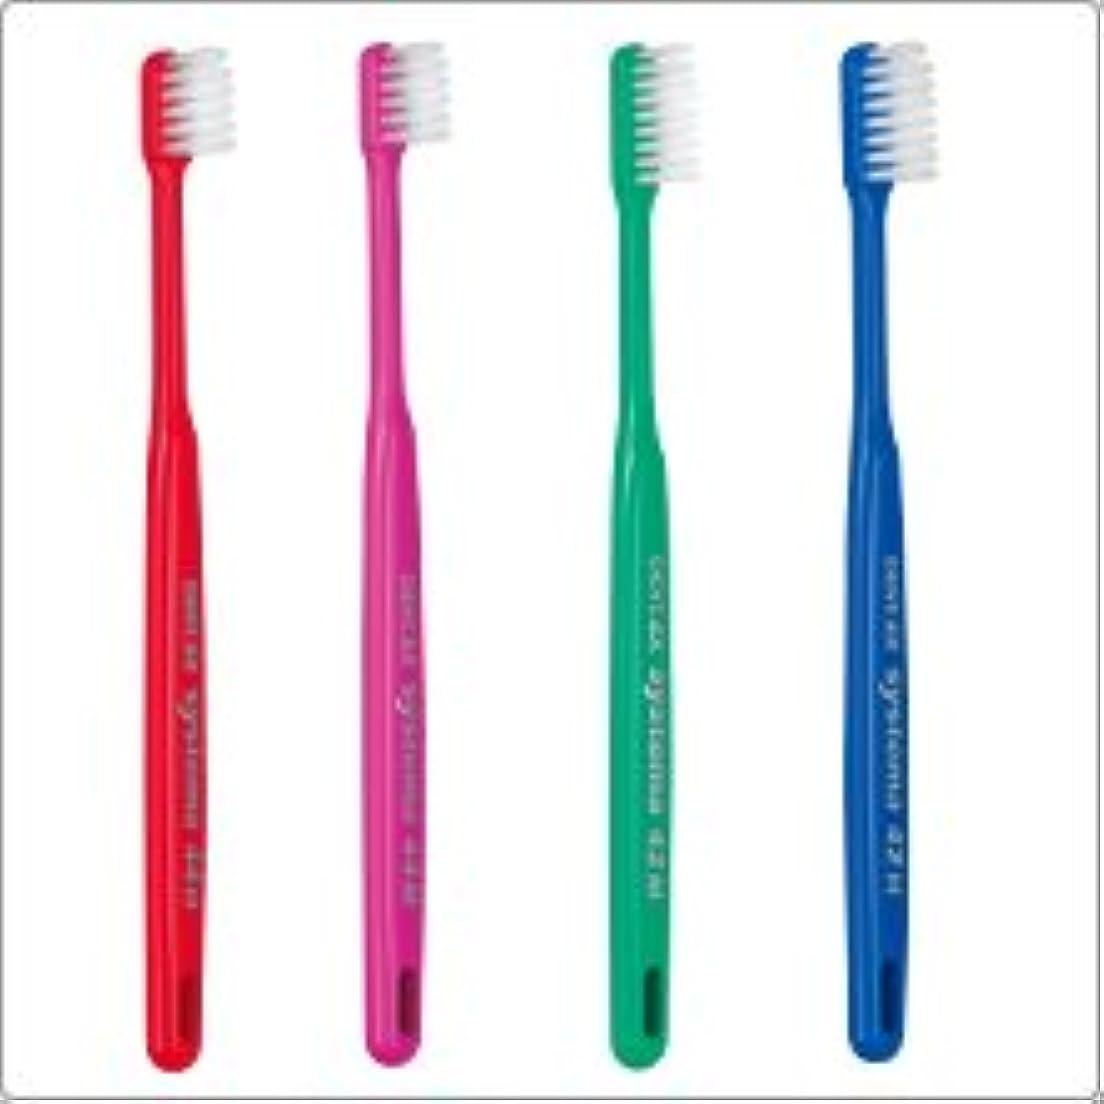 居心地の良い是正するドロップライオン DENT.EX システマ 歯ブラシ 44M(コンパクト ふつう)×10本 大人用歯ブラシ 歯科専売品